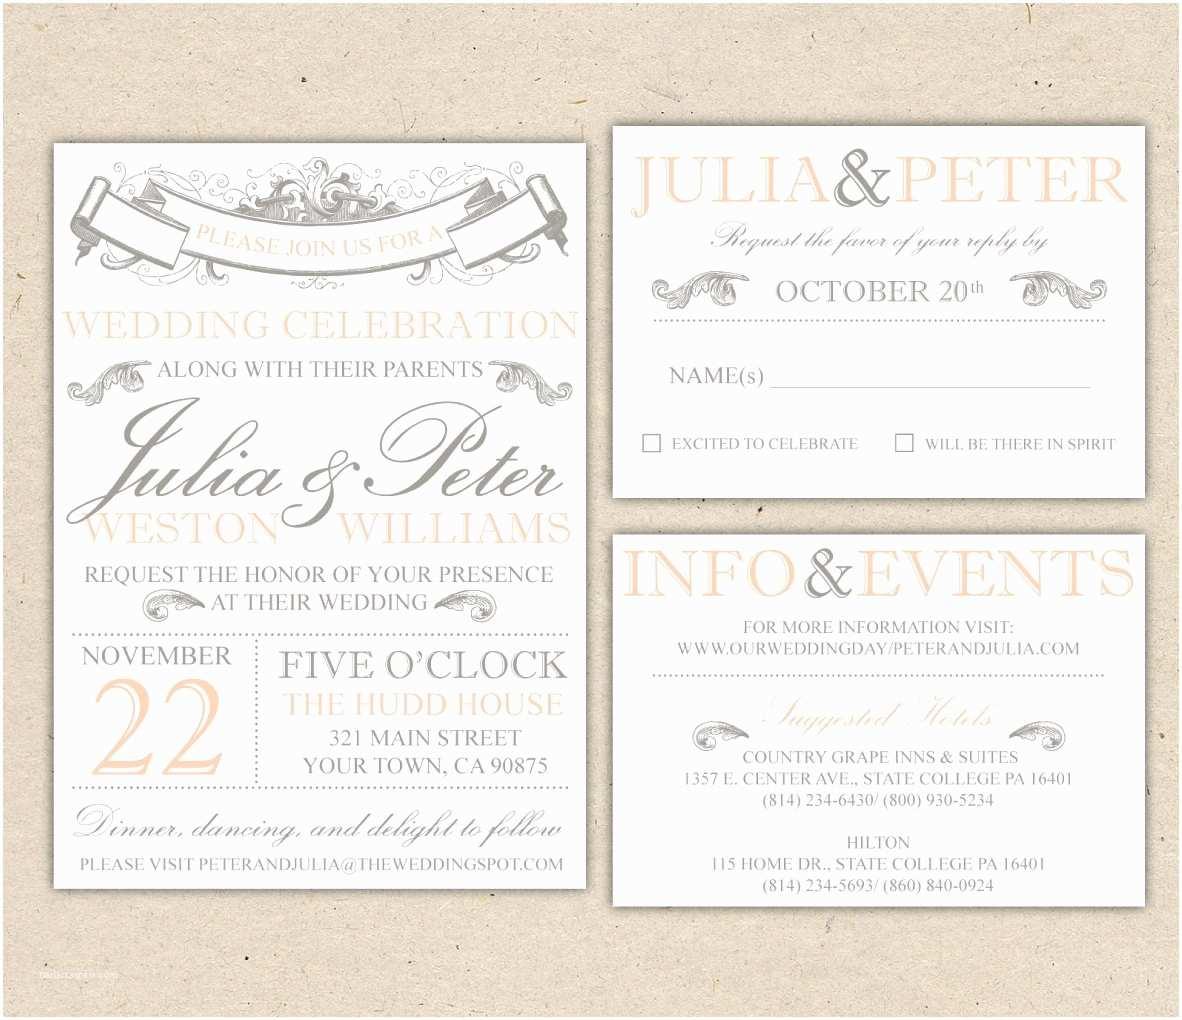 Formal Wedding Invitations formal Wedding Invitations Template Resume Builder